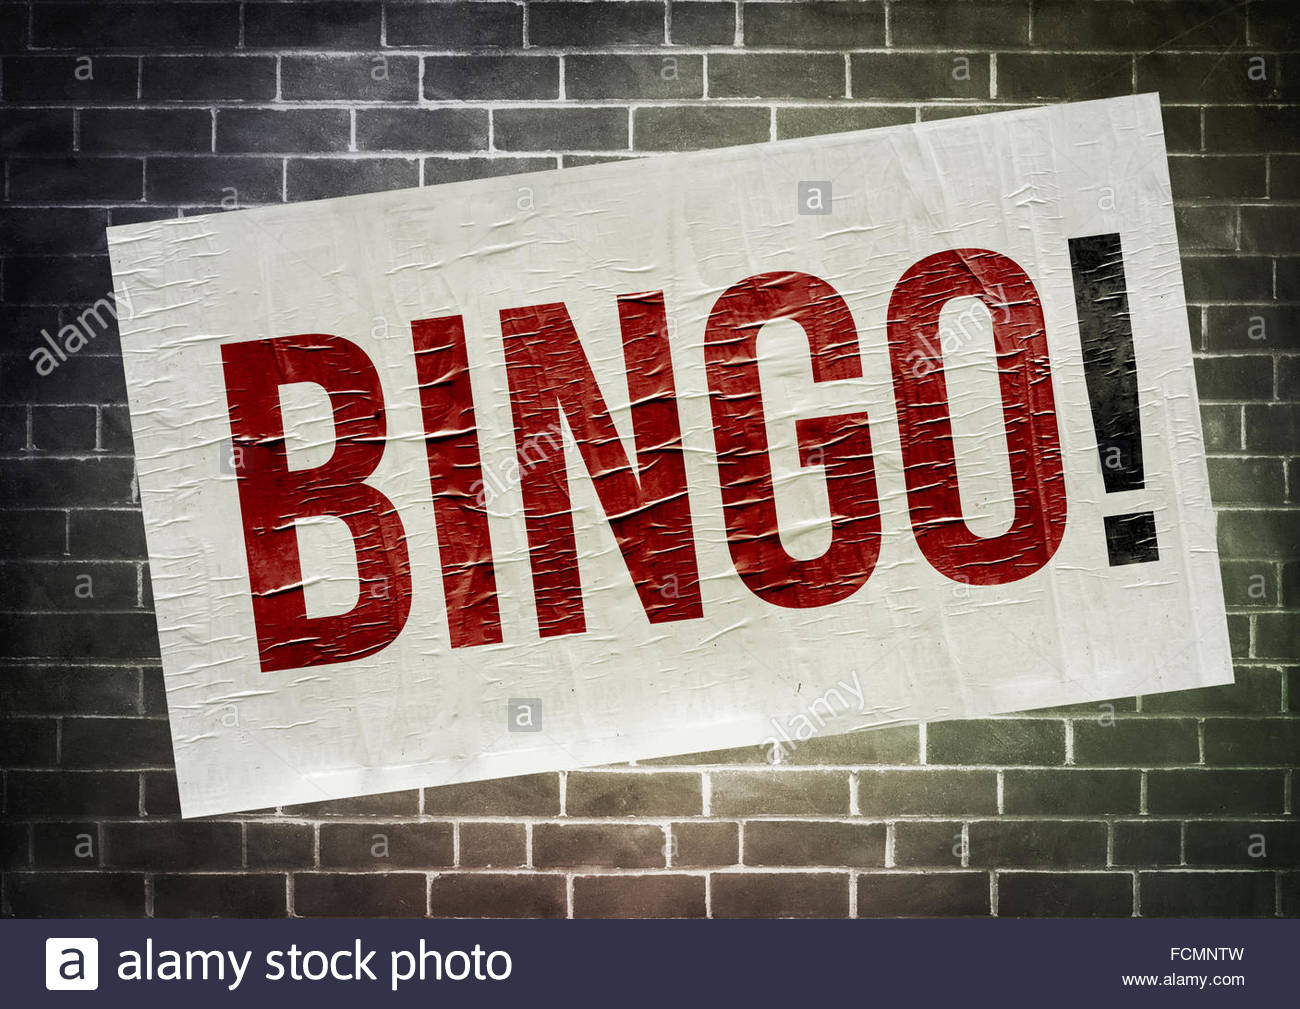 Bingo Photo Stock